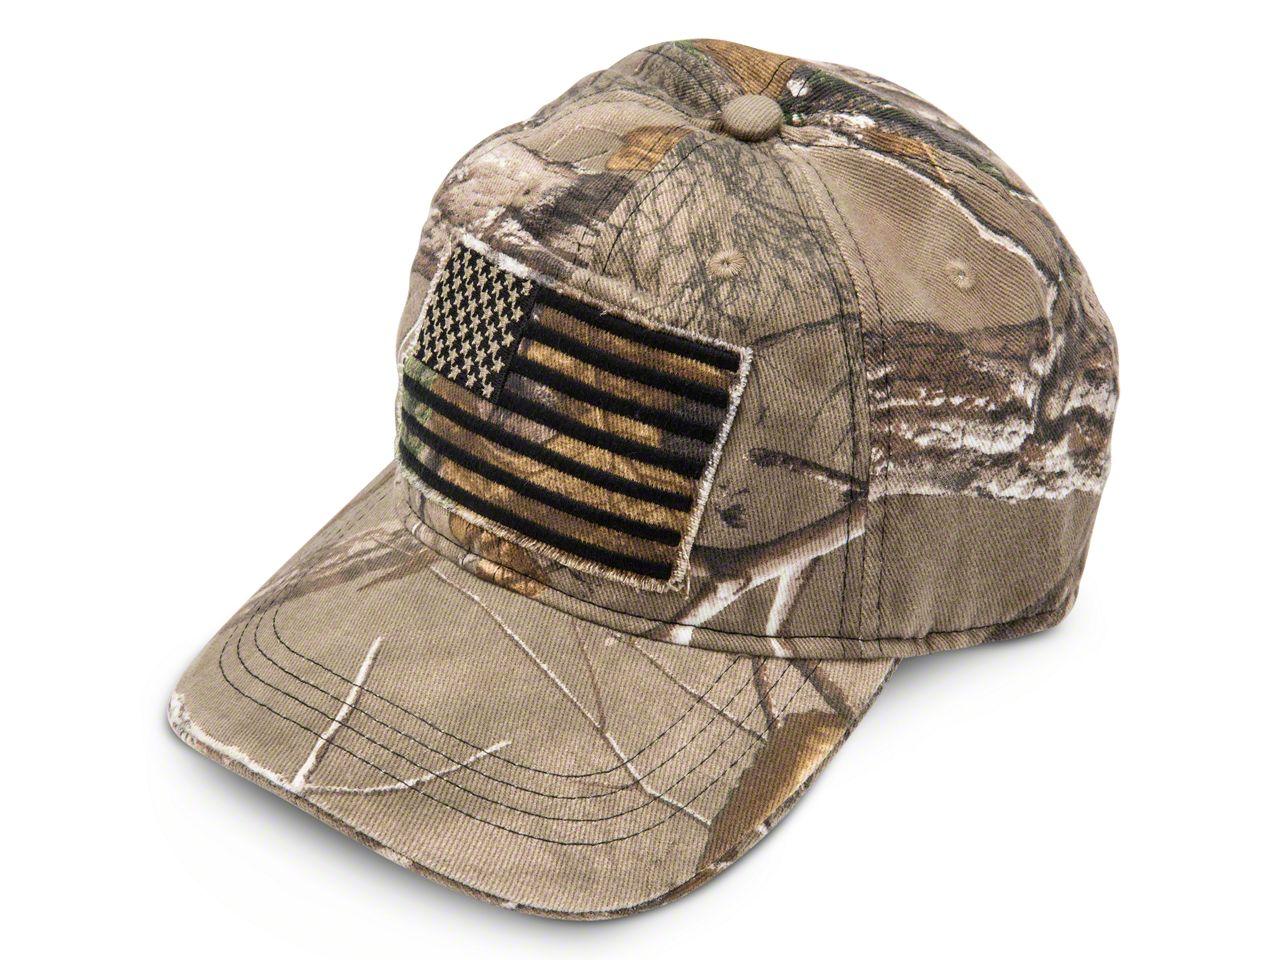 USA Flag Realtree Camo Hat